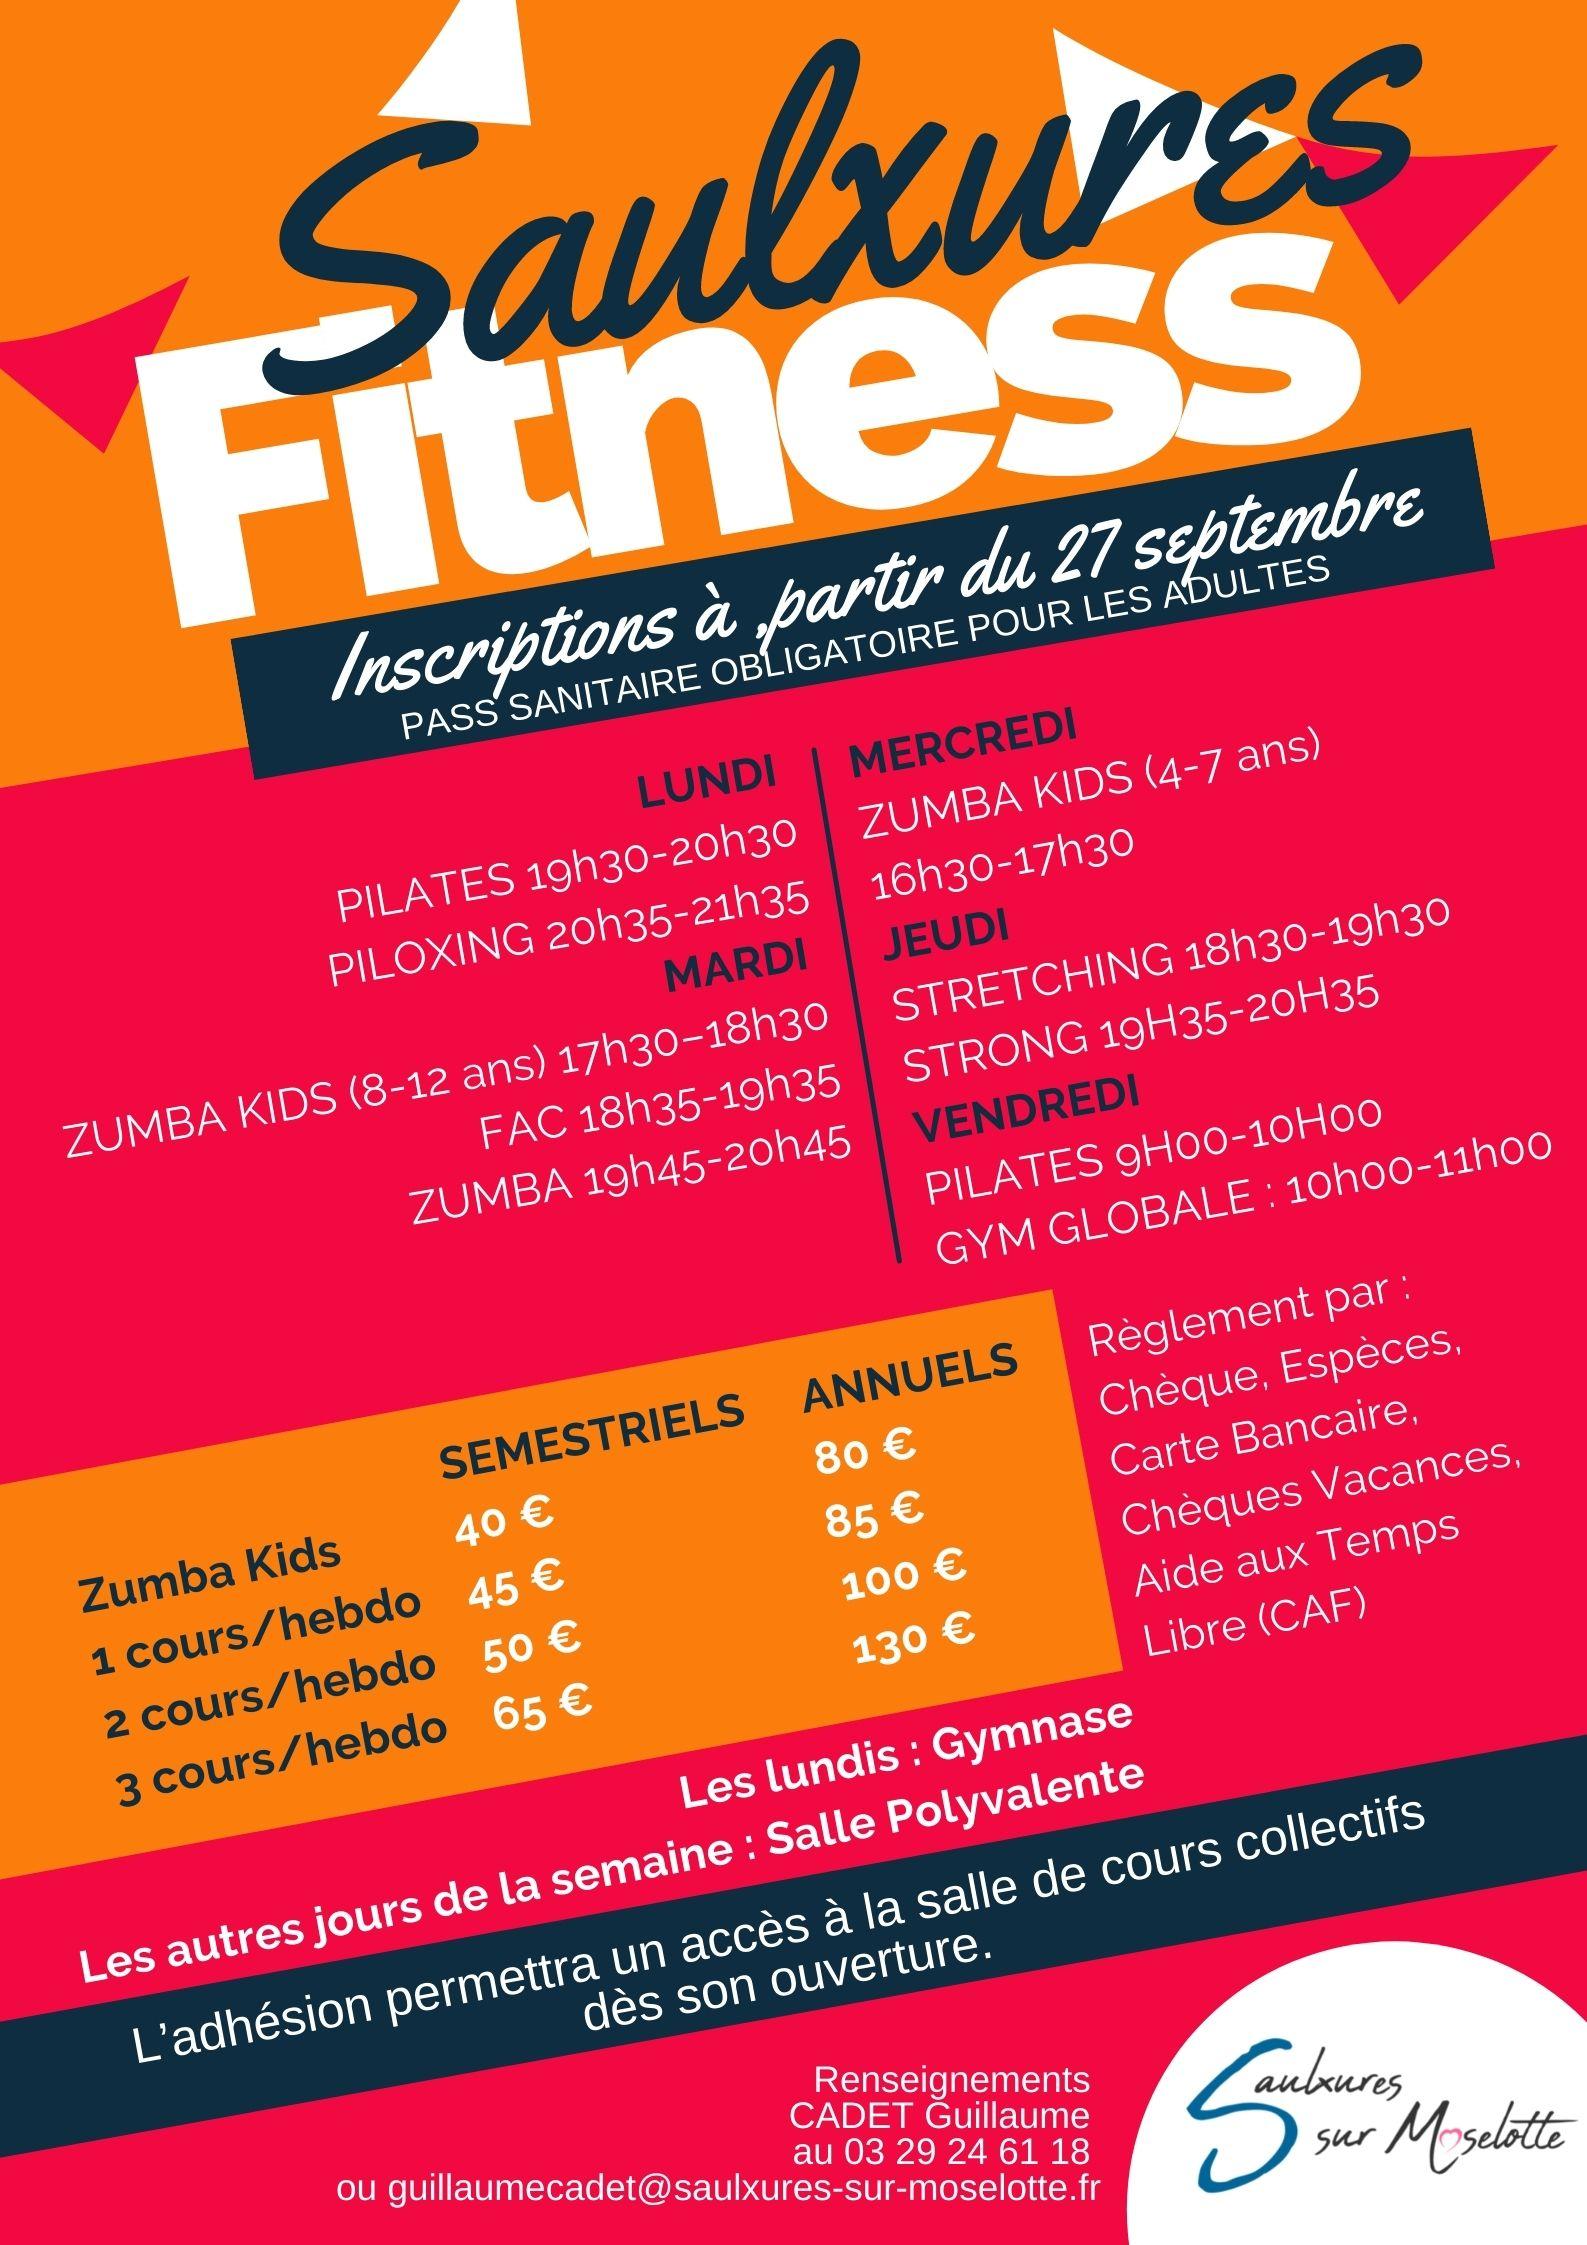 Inscriptions pour le Saulxures Fitness